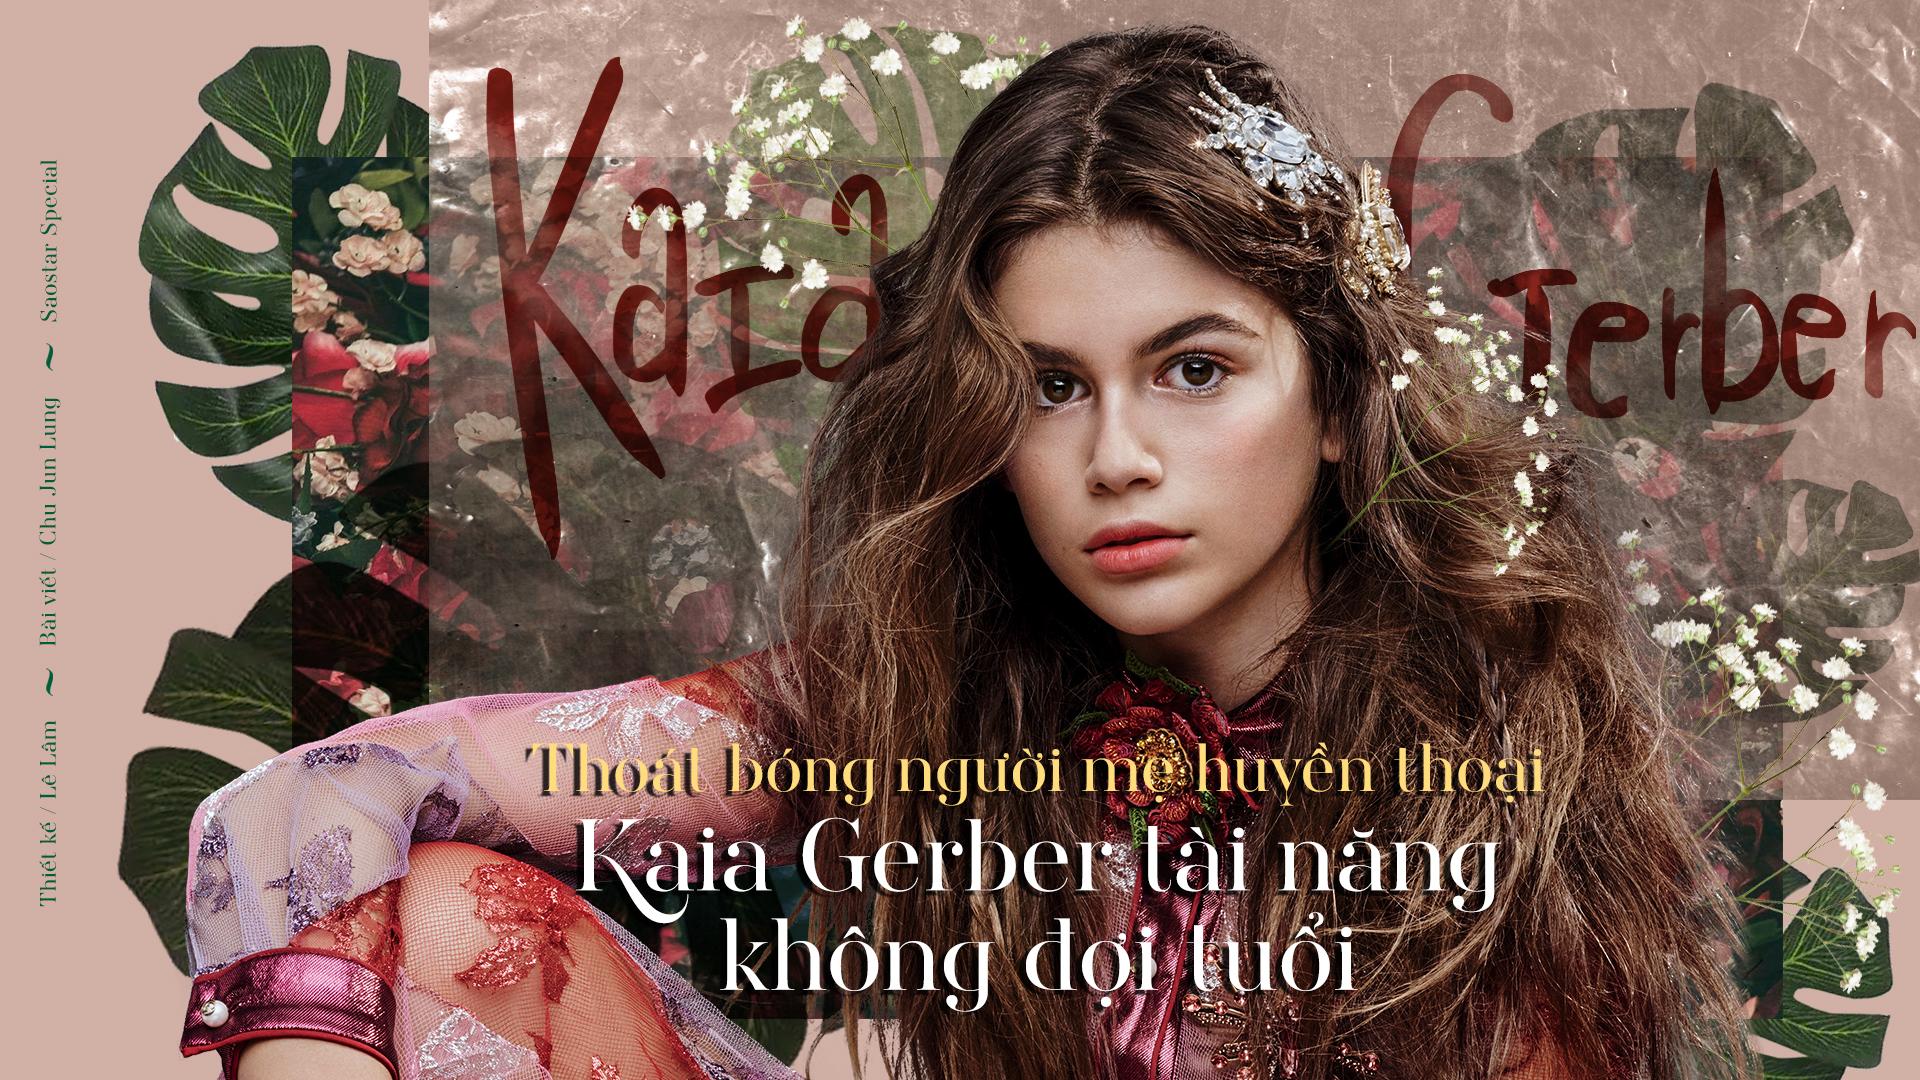 Thoát bóng người mẹ huyền thoại - Kaia Gerber tài năng không đợi tuổi